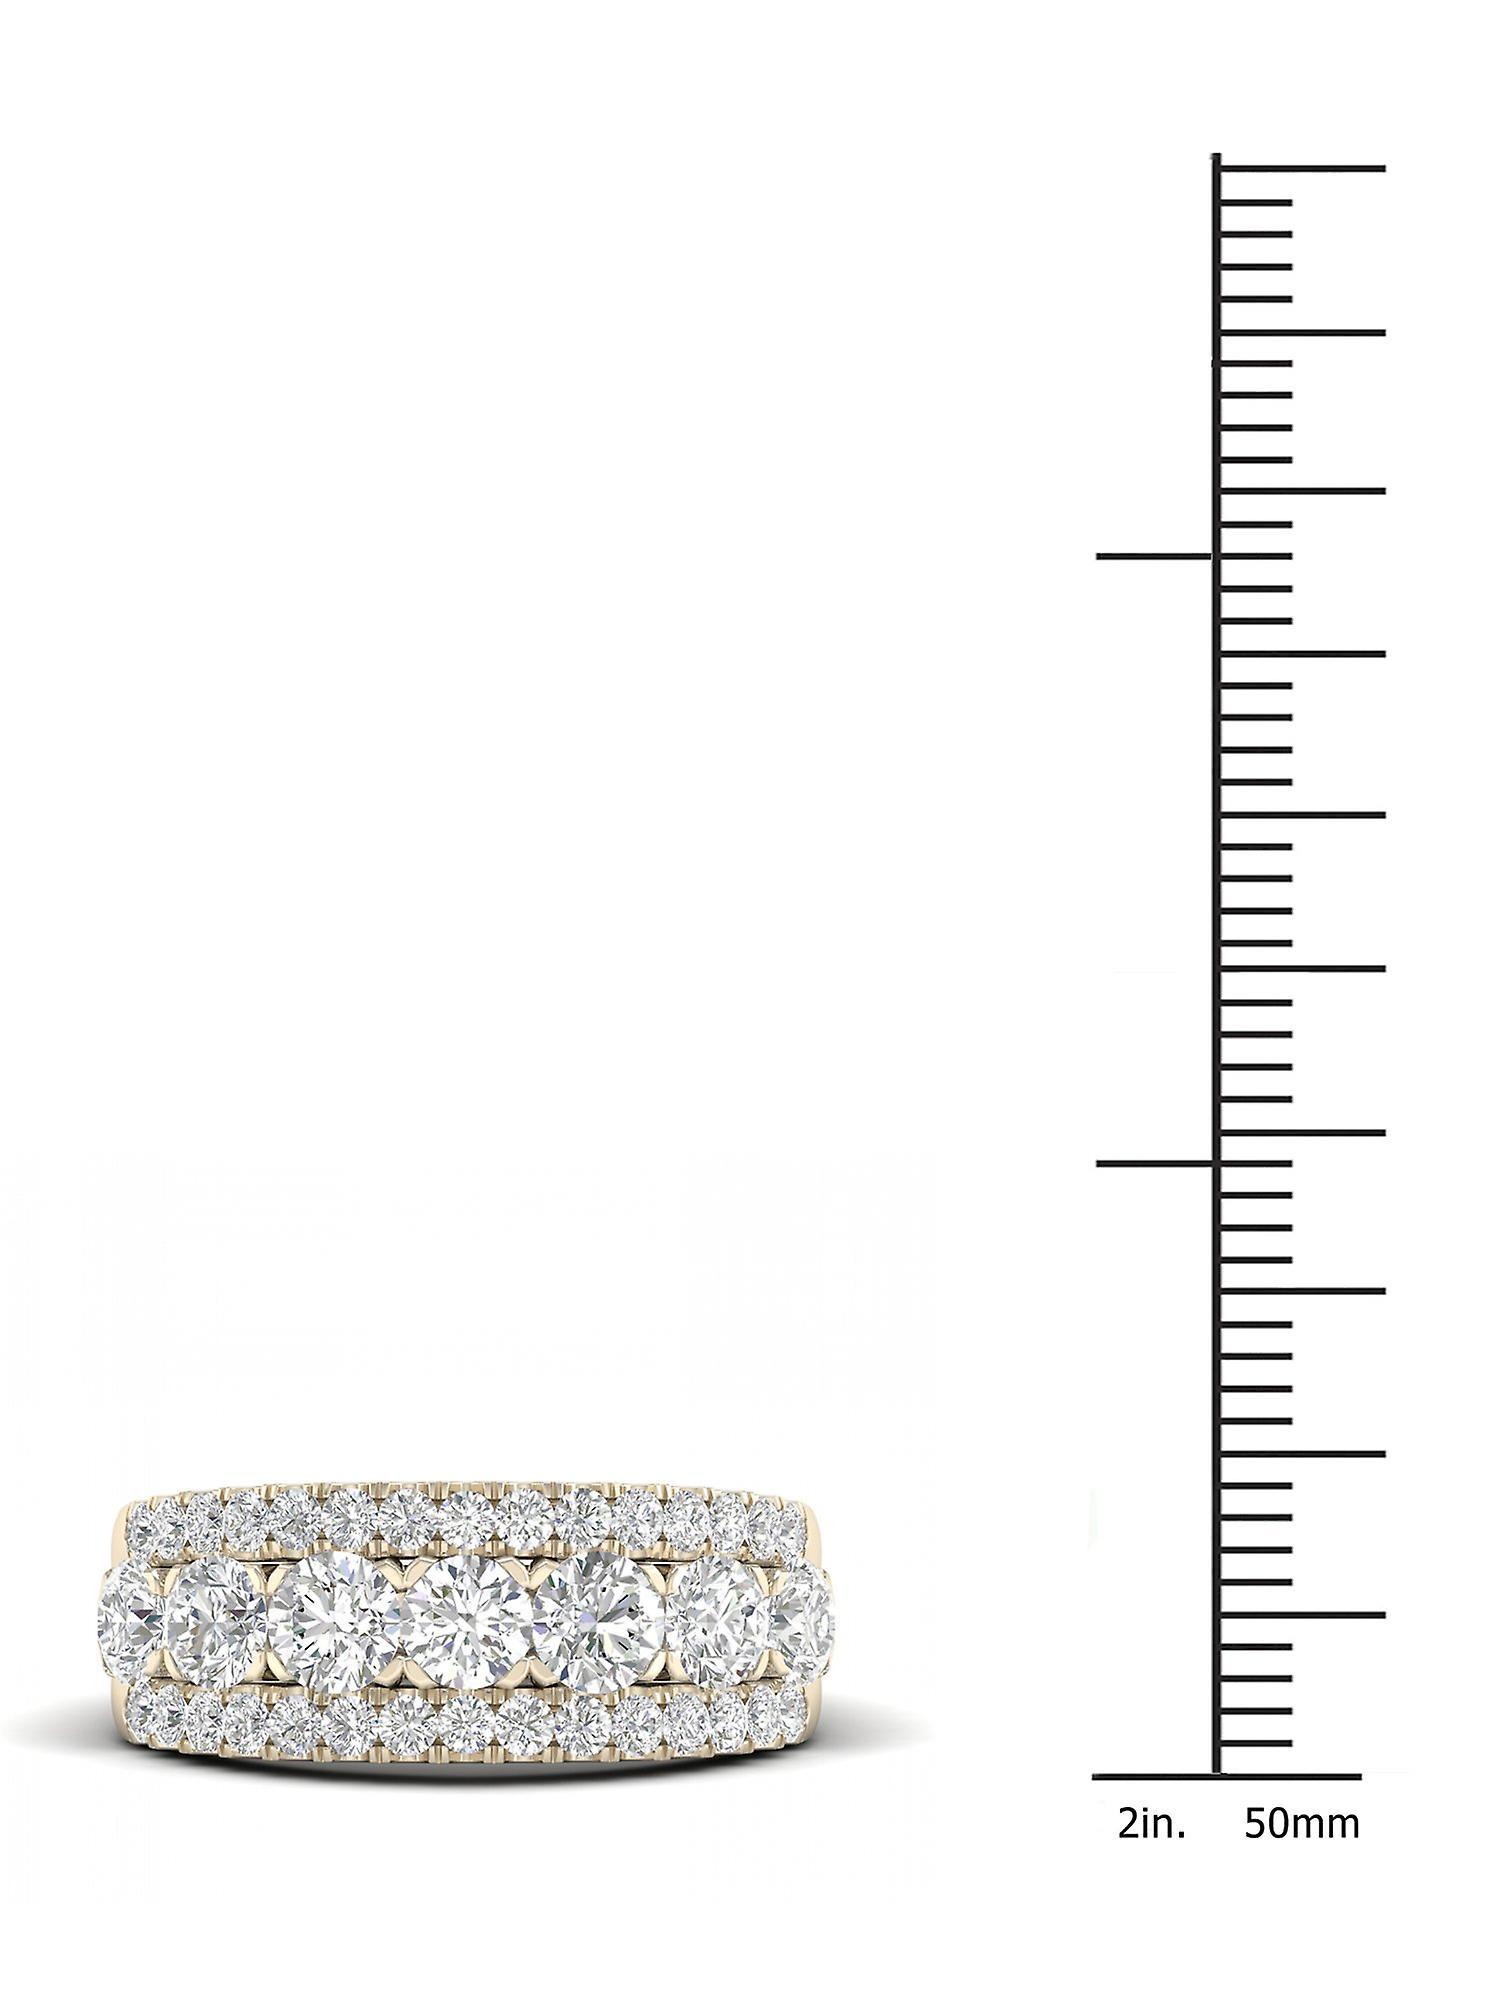 Neuer Modestil von Fantastisk pris Igi zertifiziert decouer 2ct tdw Diamant 14k Gelbgold Ehering (h-i, i2)  rqAtq